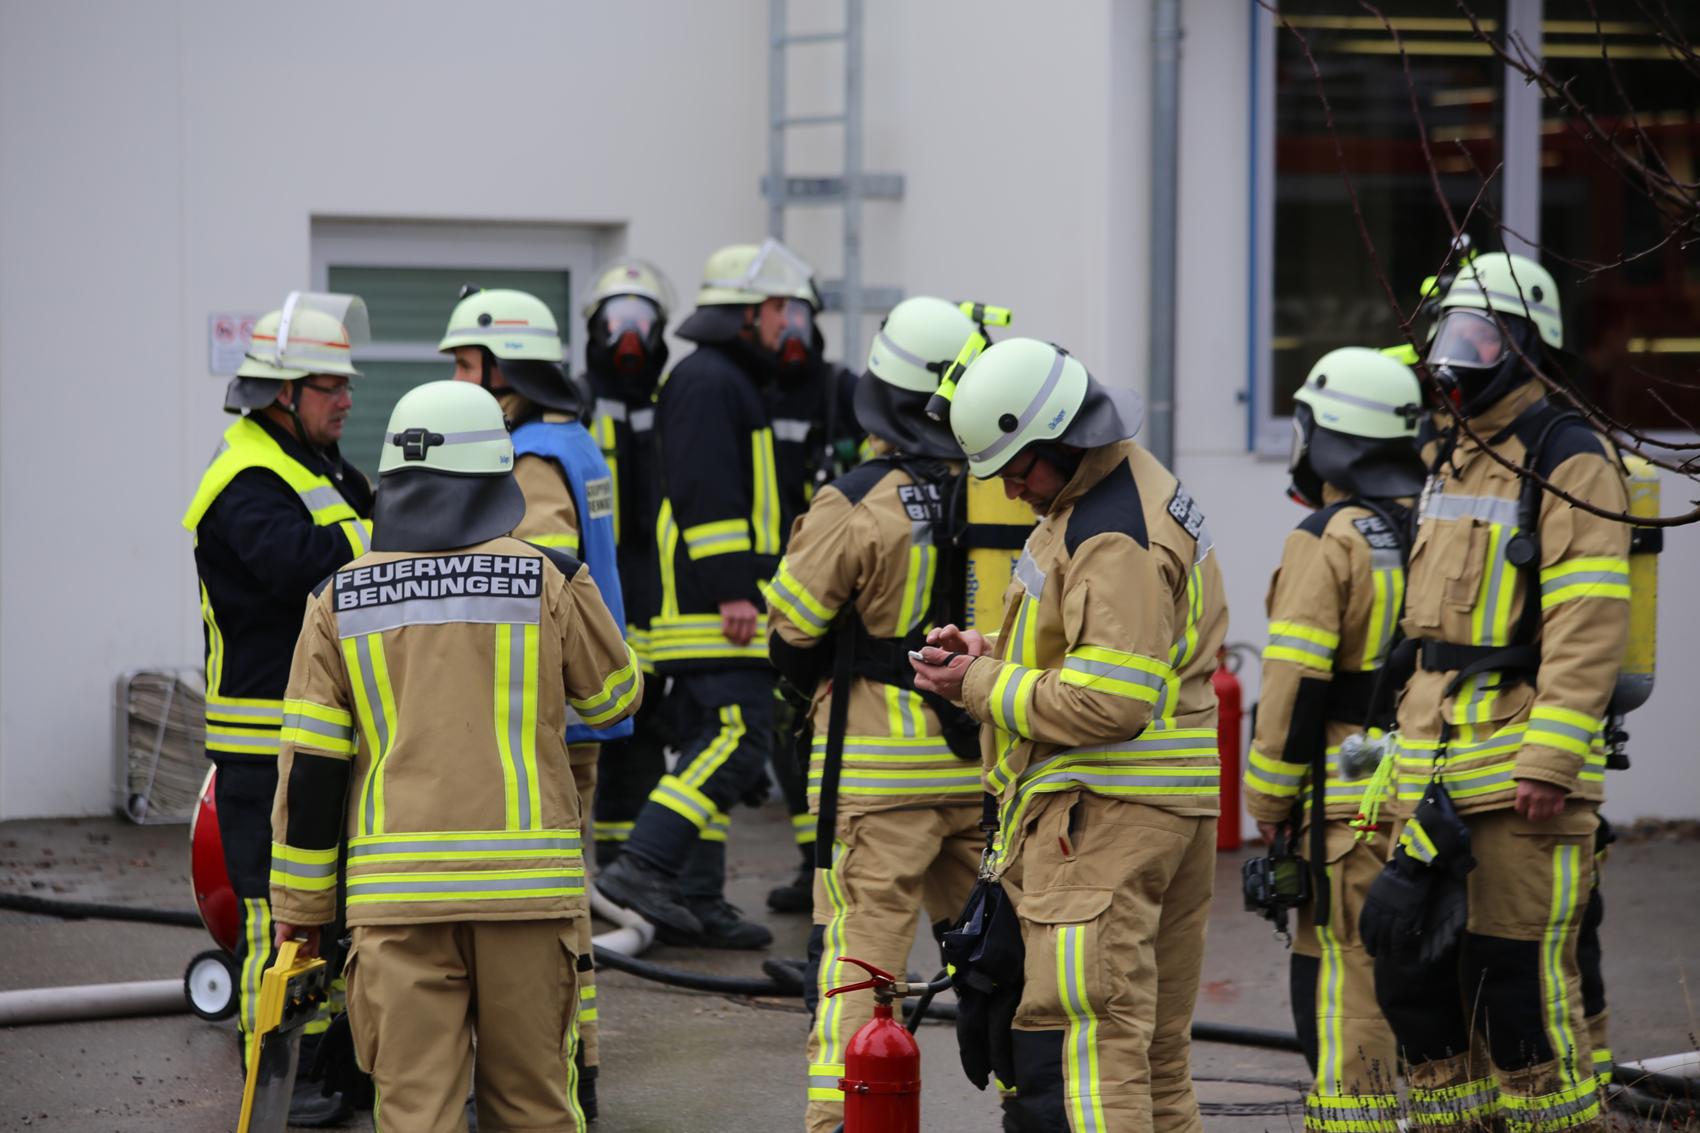 Feuerwehr Unterallgäu